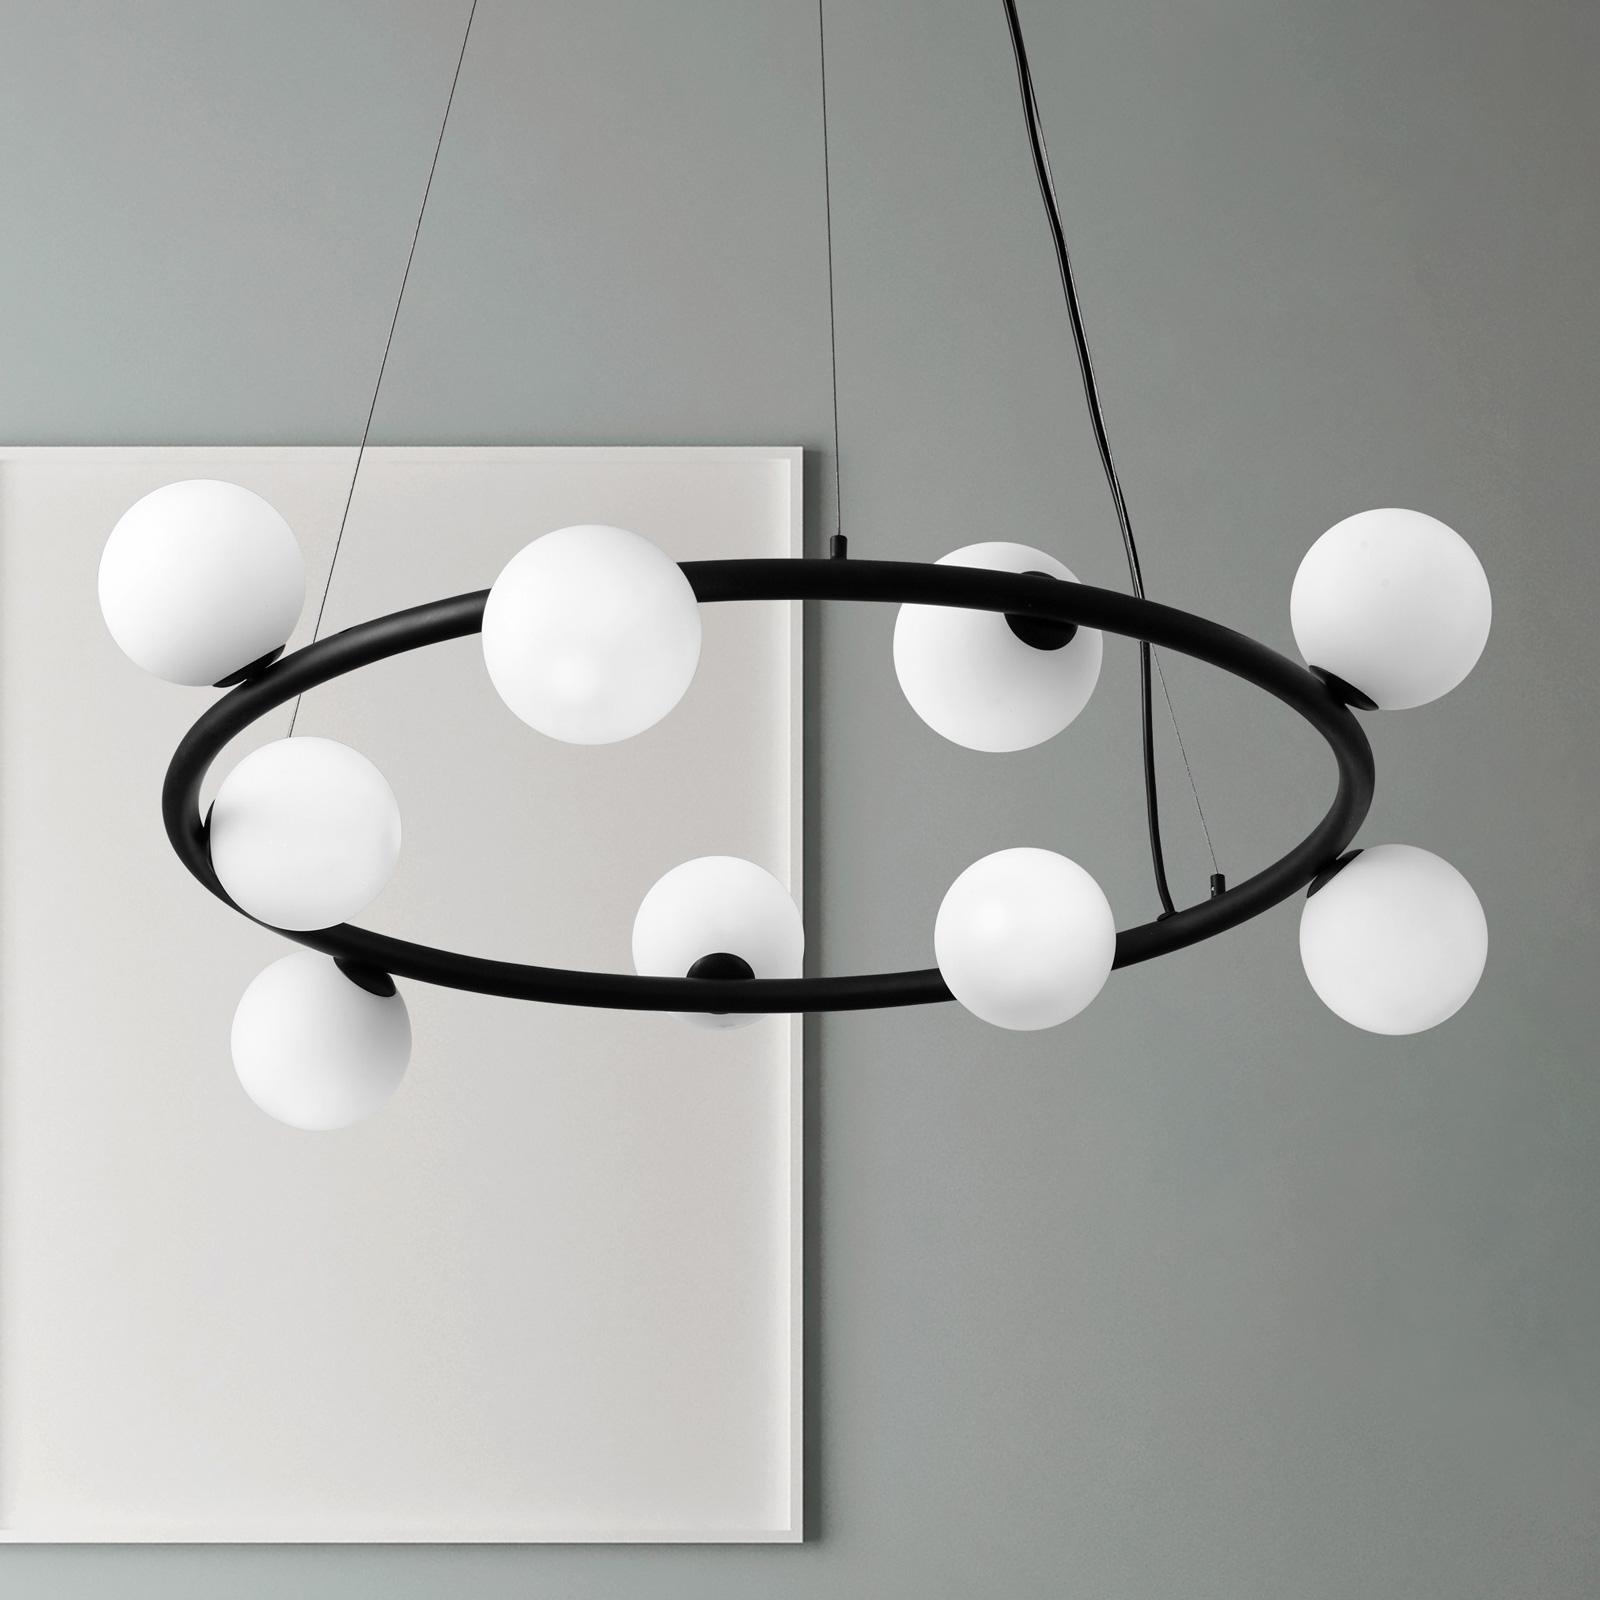 Hanglamp Pomì 9-lamps met glasbollen